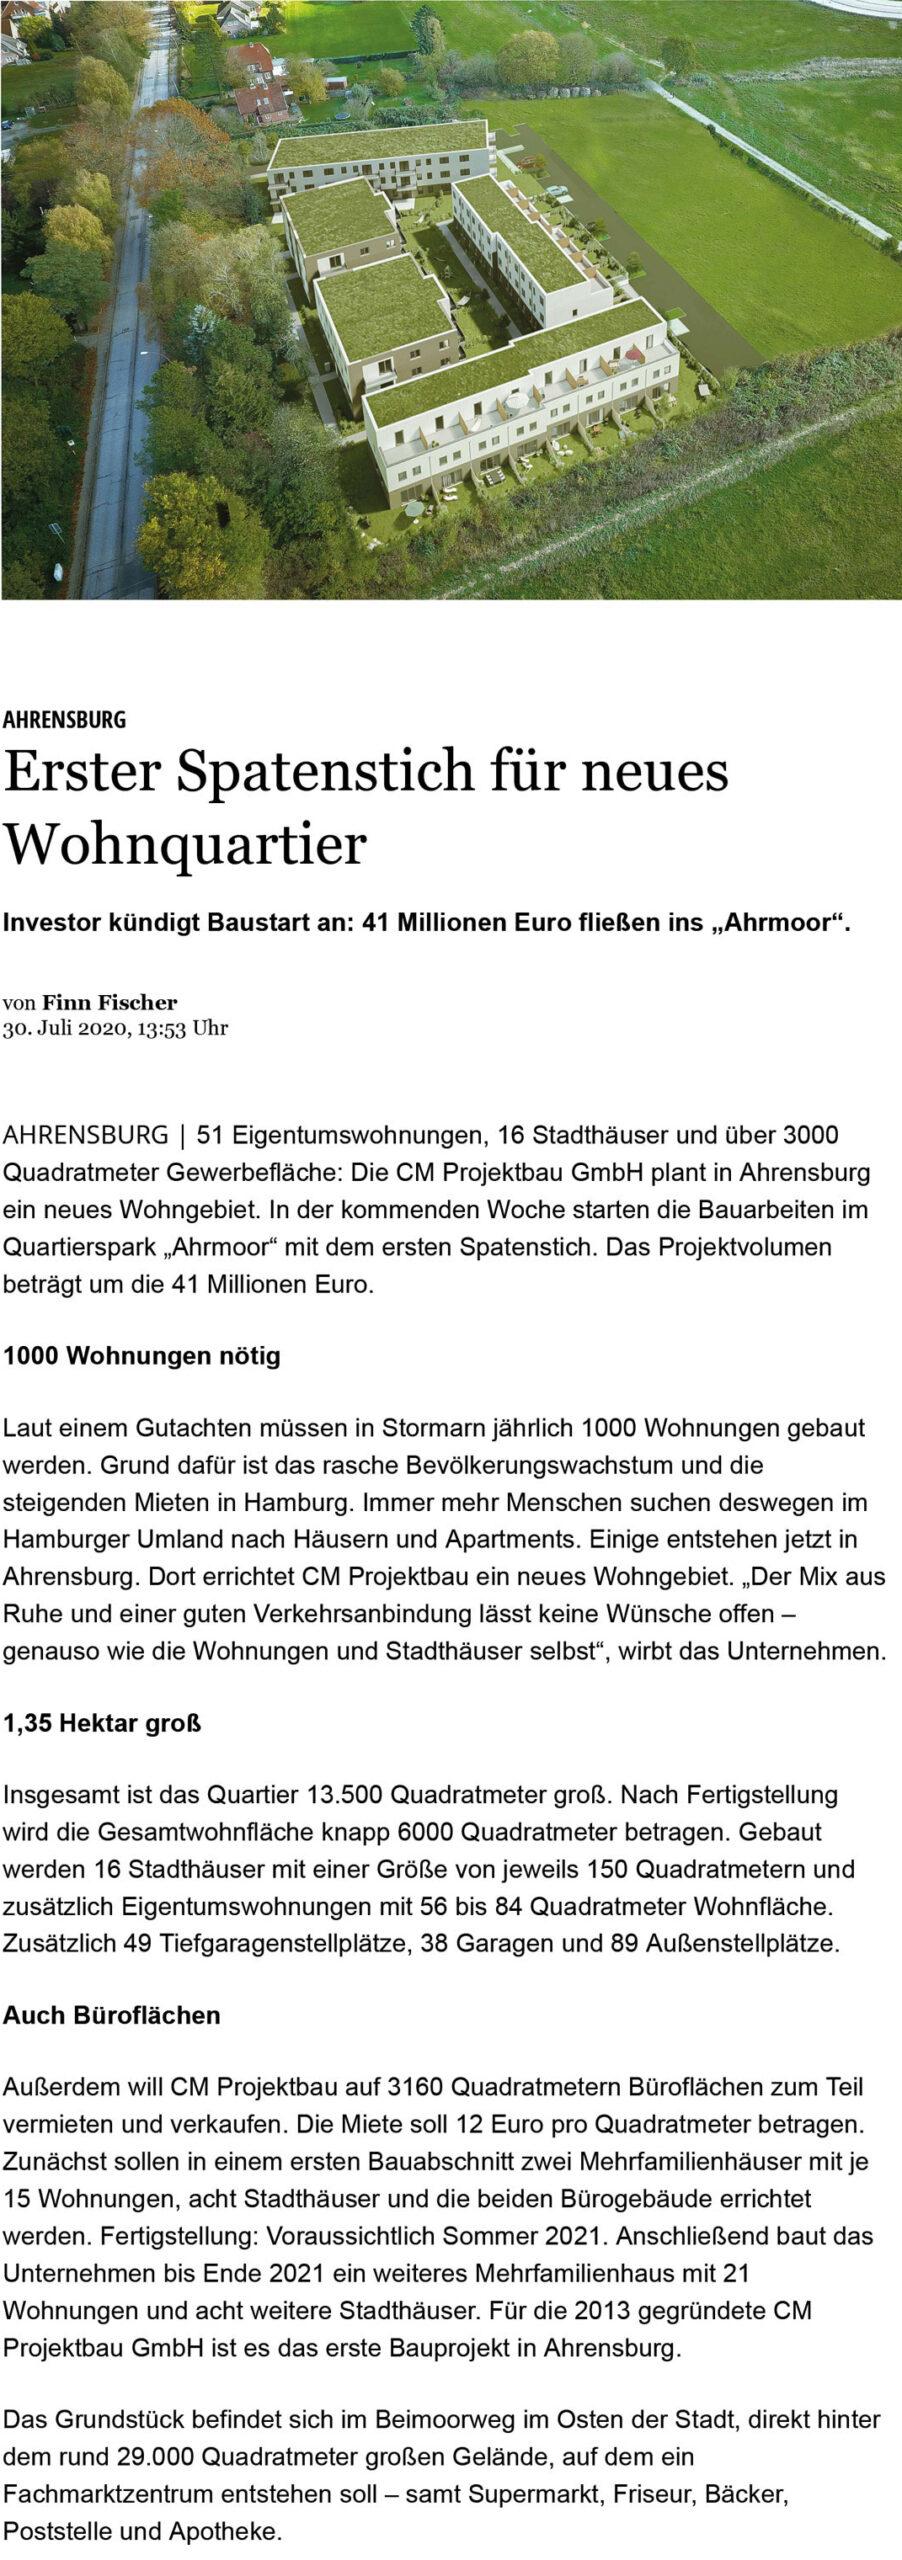 https://www.cm-projektbau.de/wp-content/uploads/2020/10/2020-07-30-shz-online-erster-spatenstich-fuer-neues-wohnquartier-id29127982-2-scaled.jpg